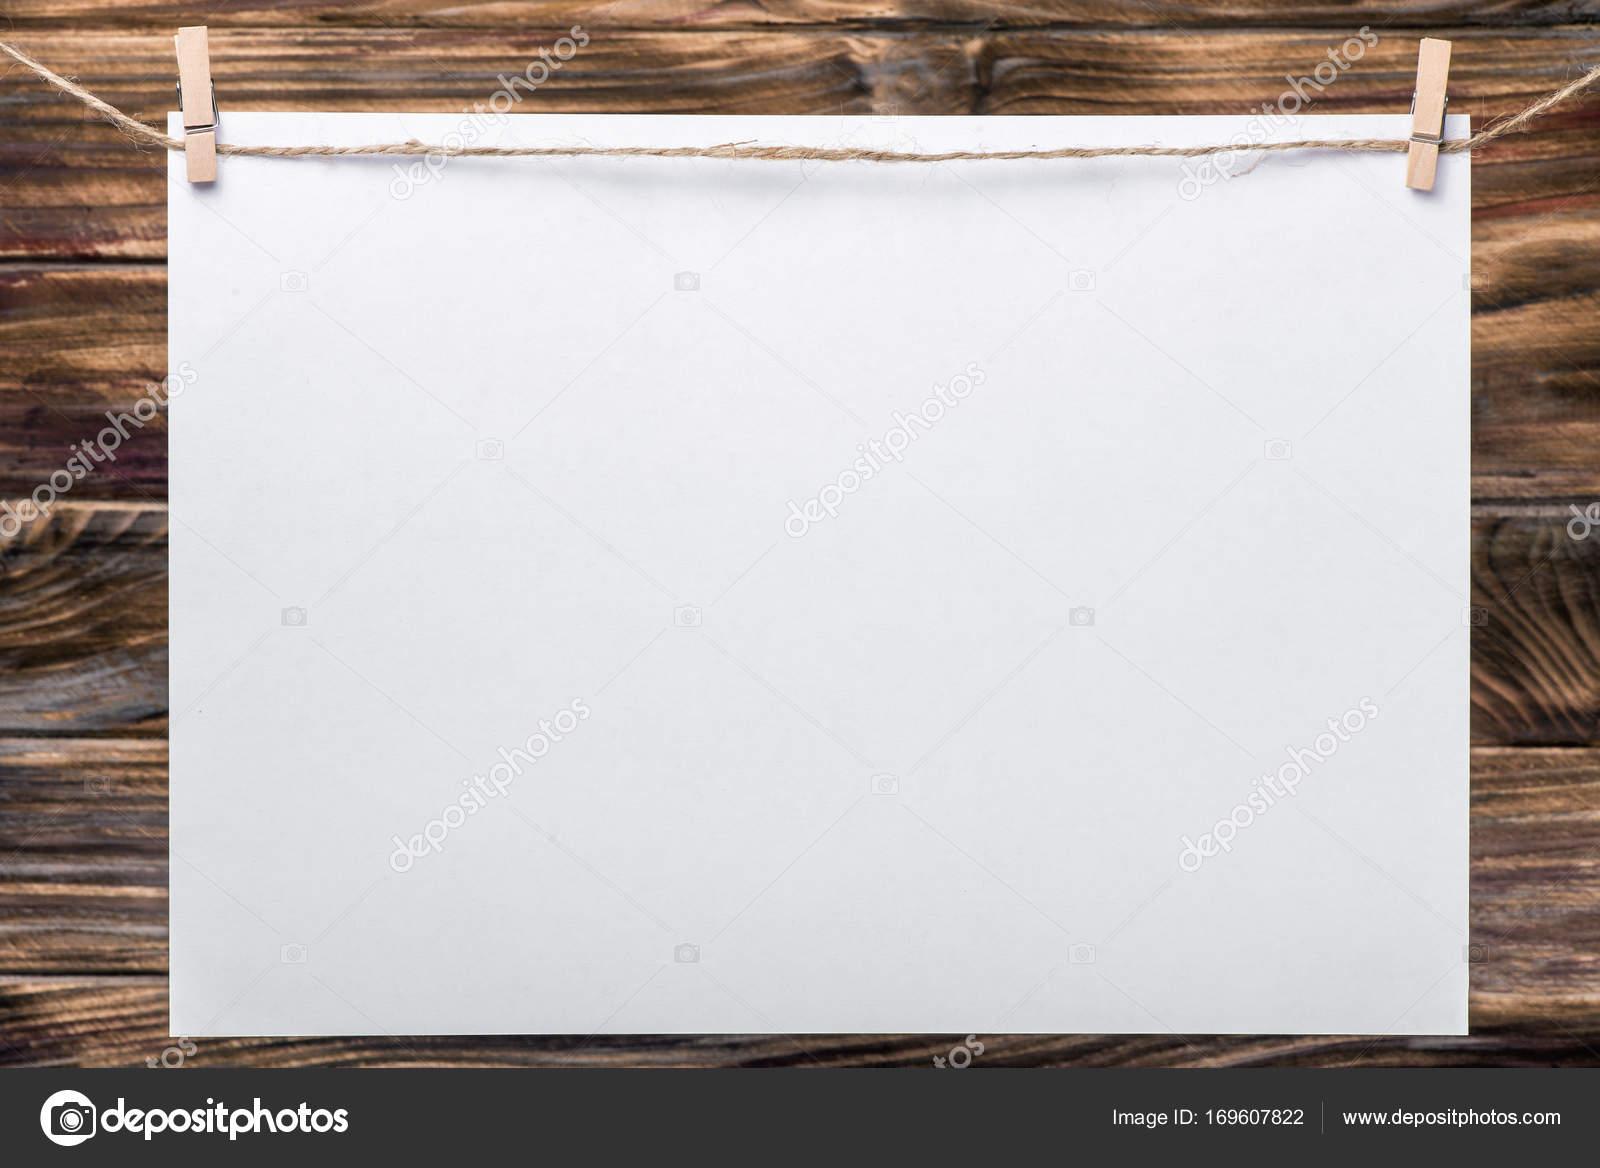 Fotorahmen, Notizen. Geschäft Bilderrahmen mit isolierten weiße ...